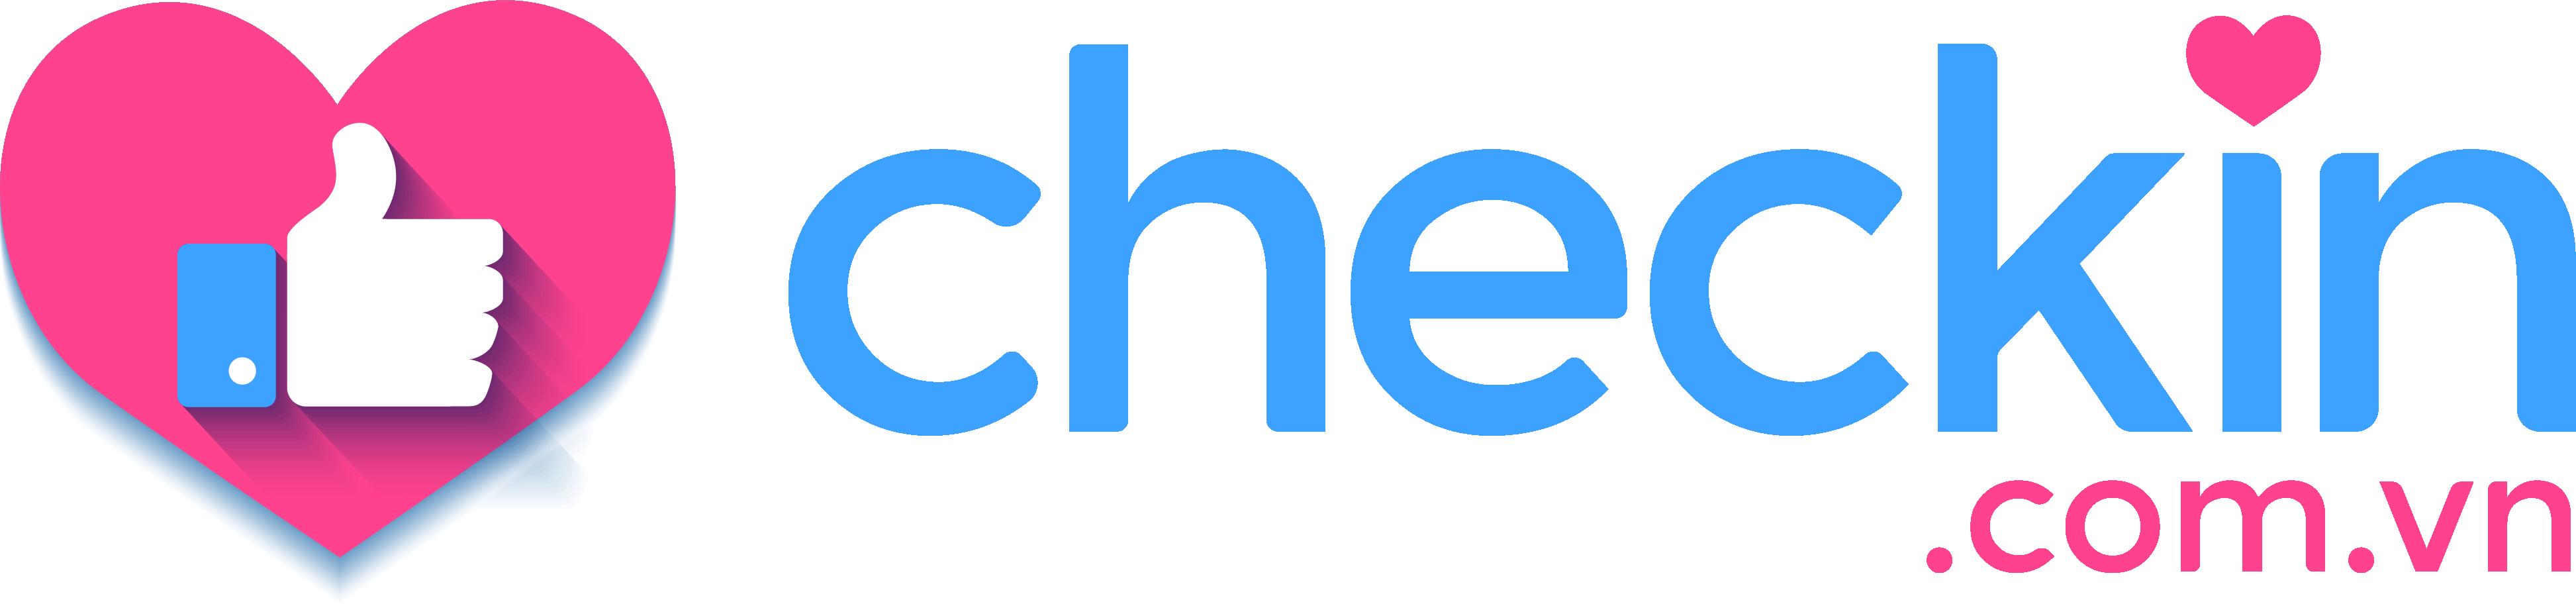 Mạng xã hội check in địa điểm - Checkin.com.vn